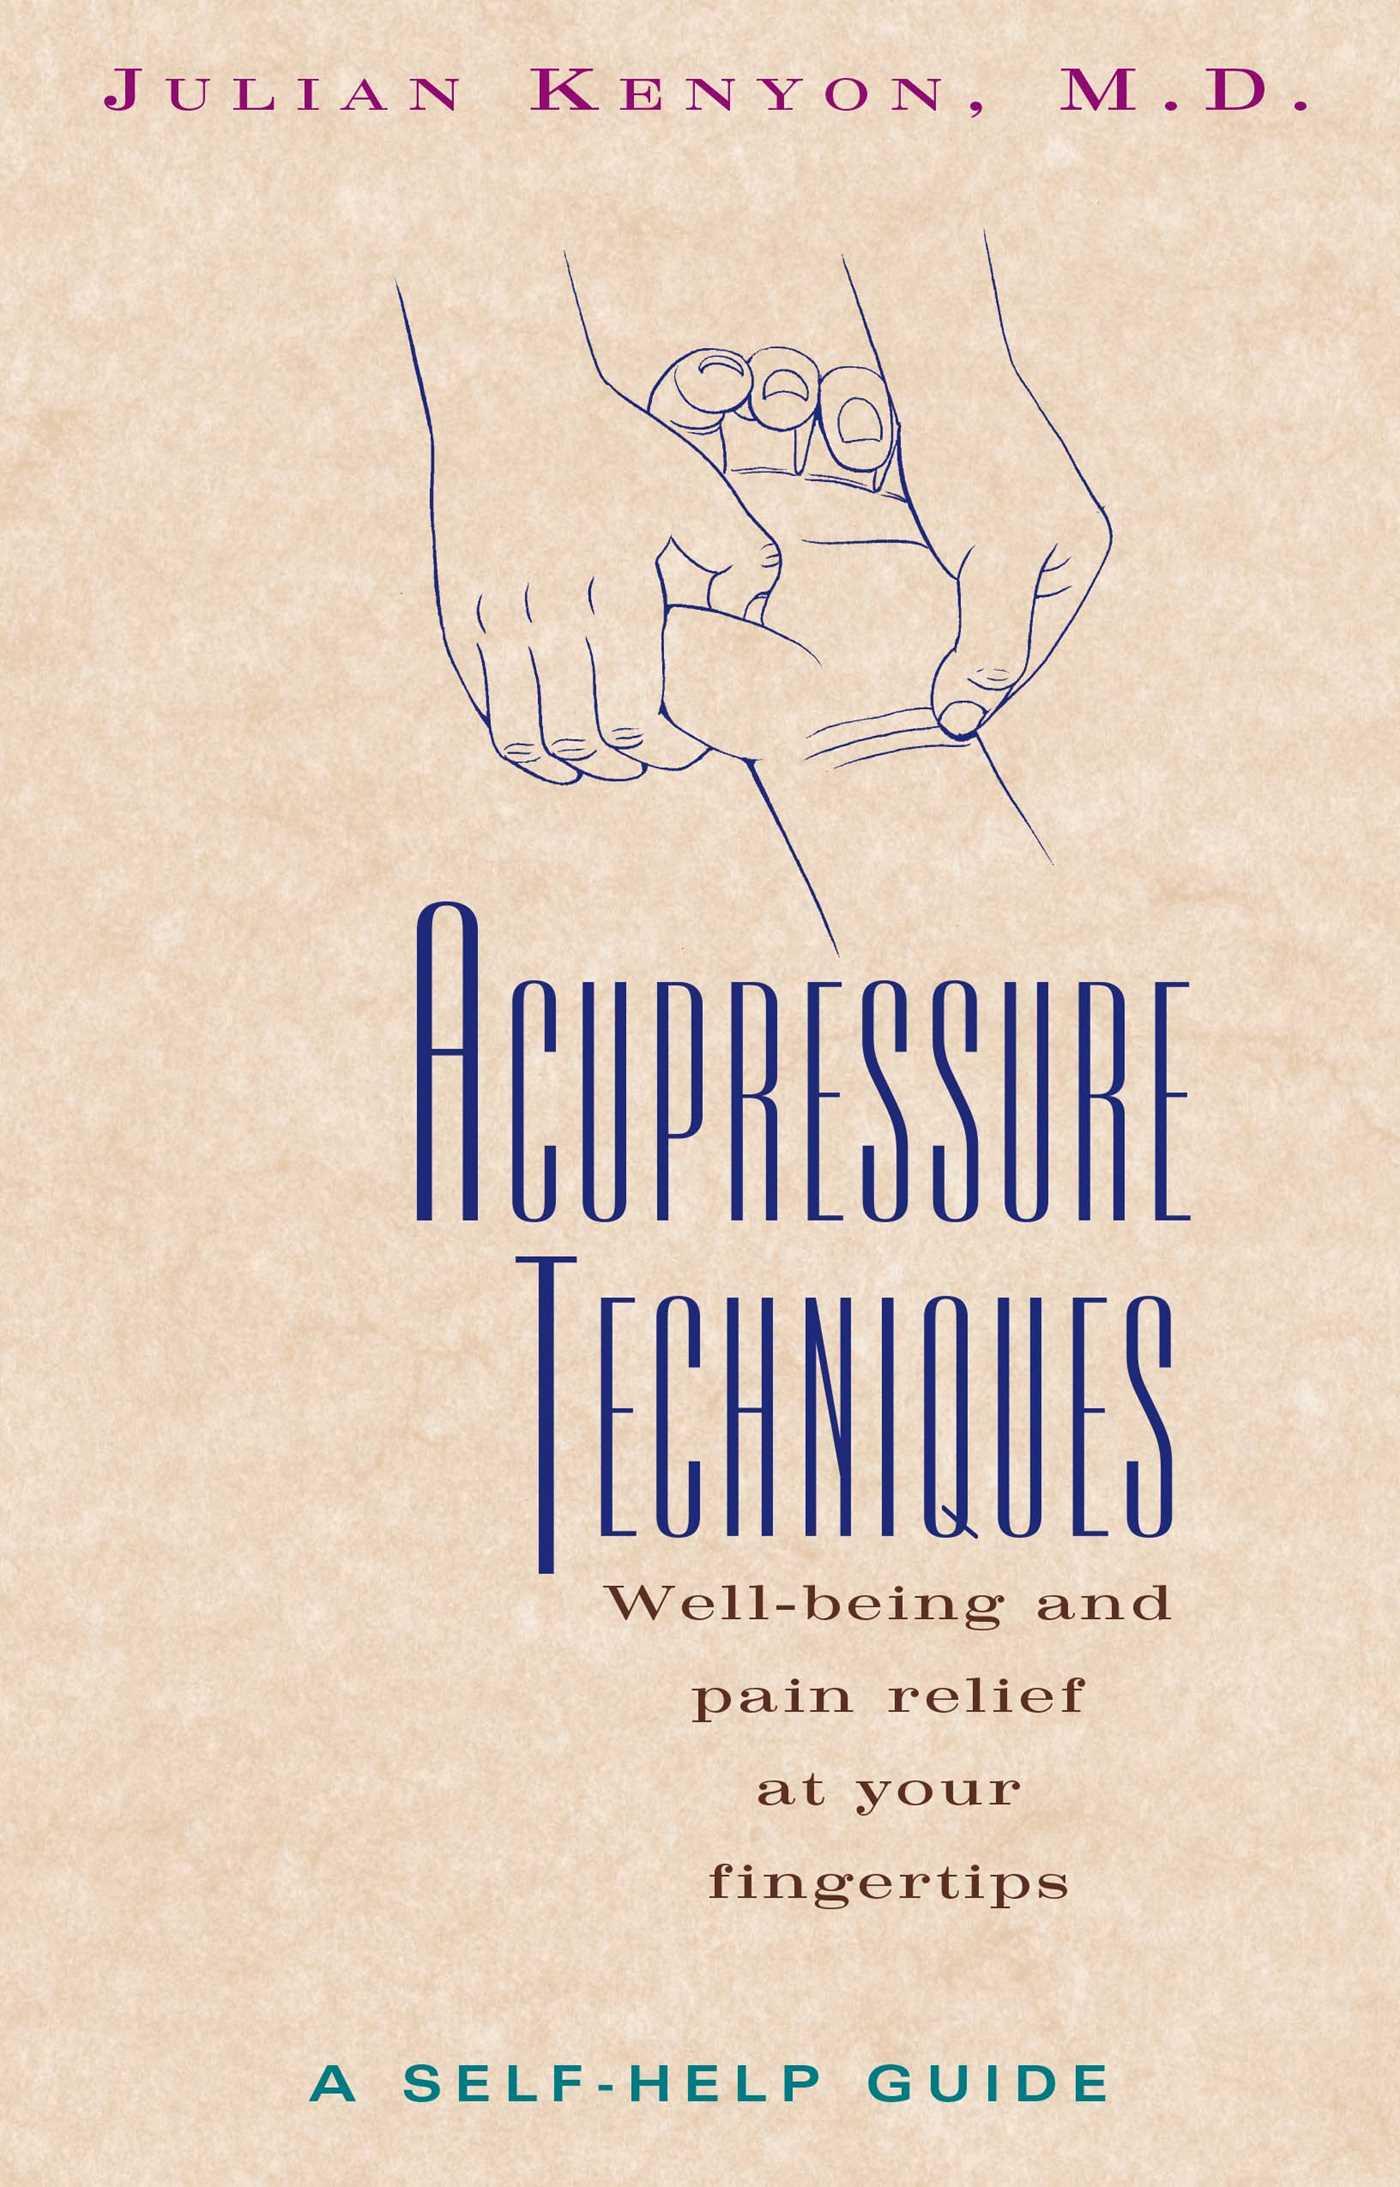 Acupressure techniques 9780892816415 hr